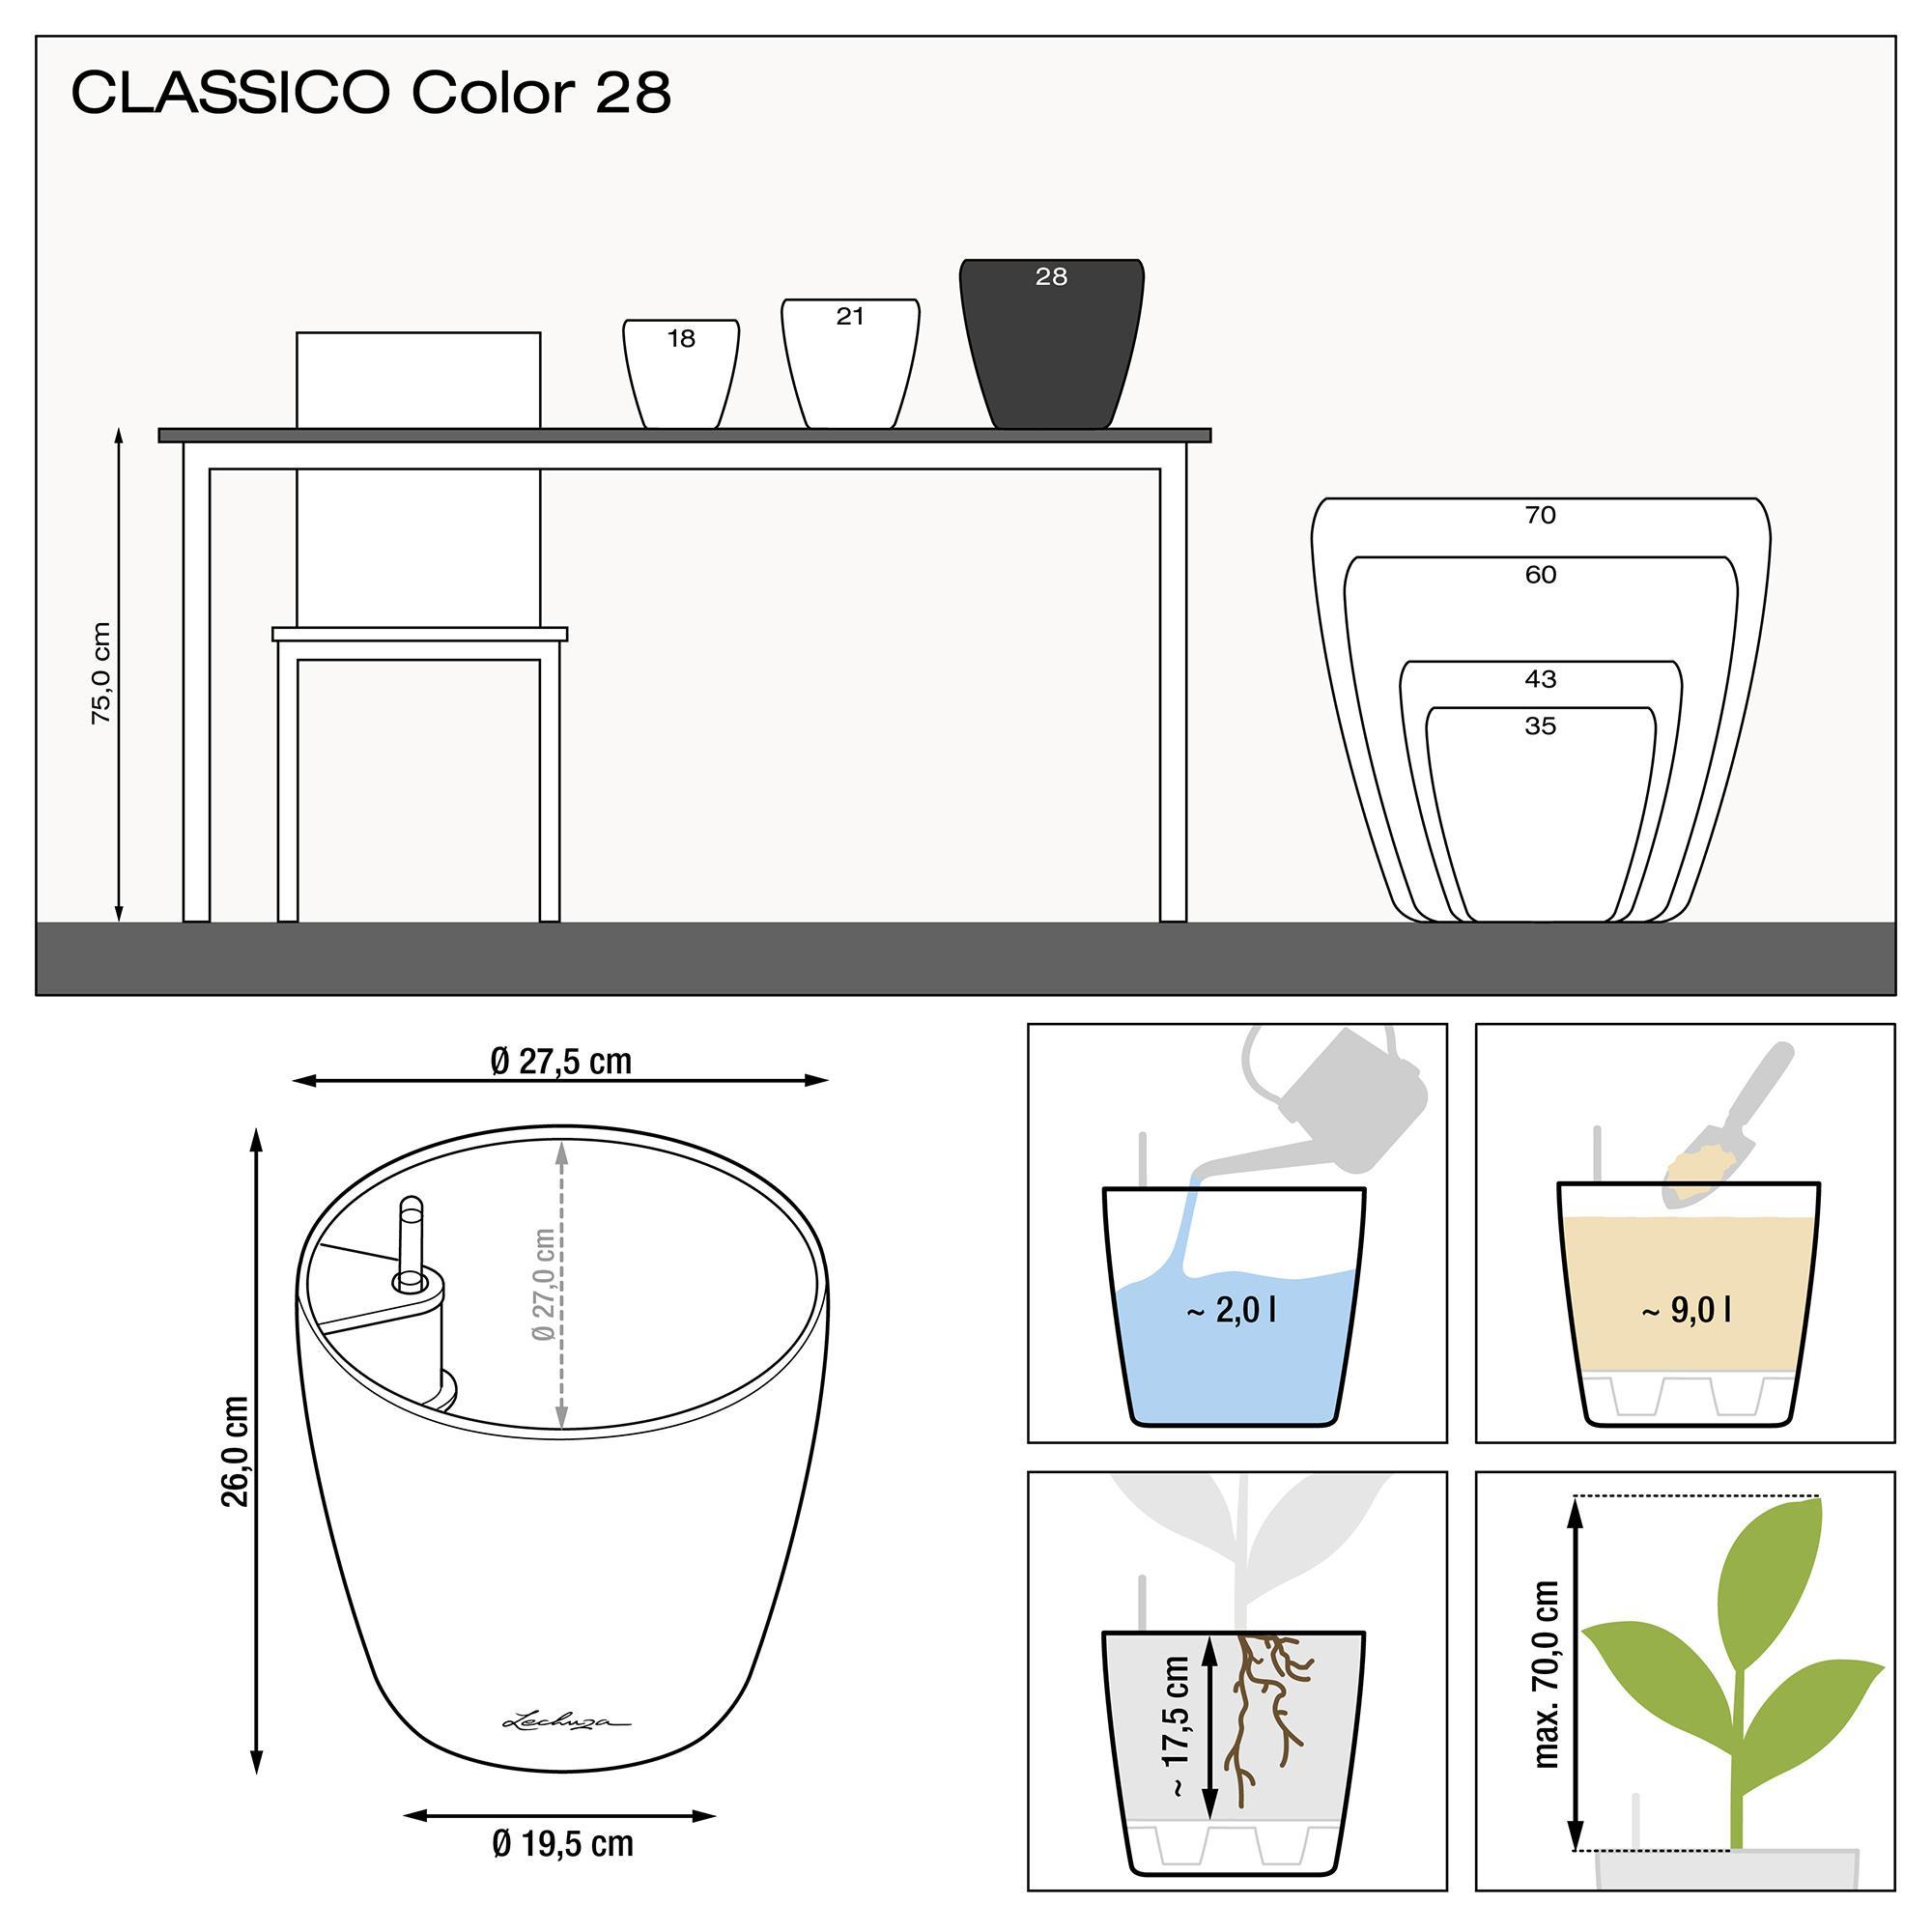 CLASSICO Color 28 nuez moscada - Imagen 2